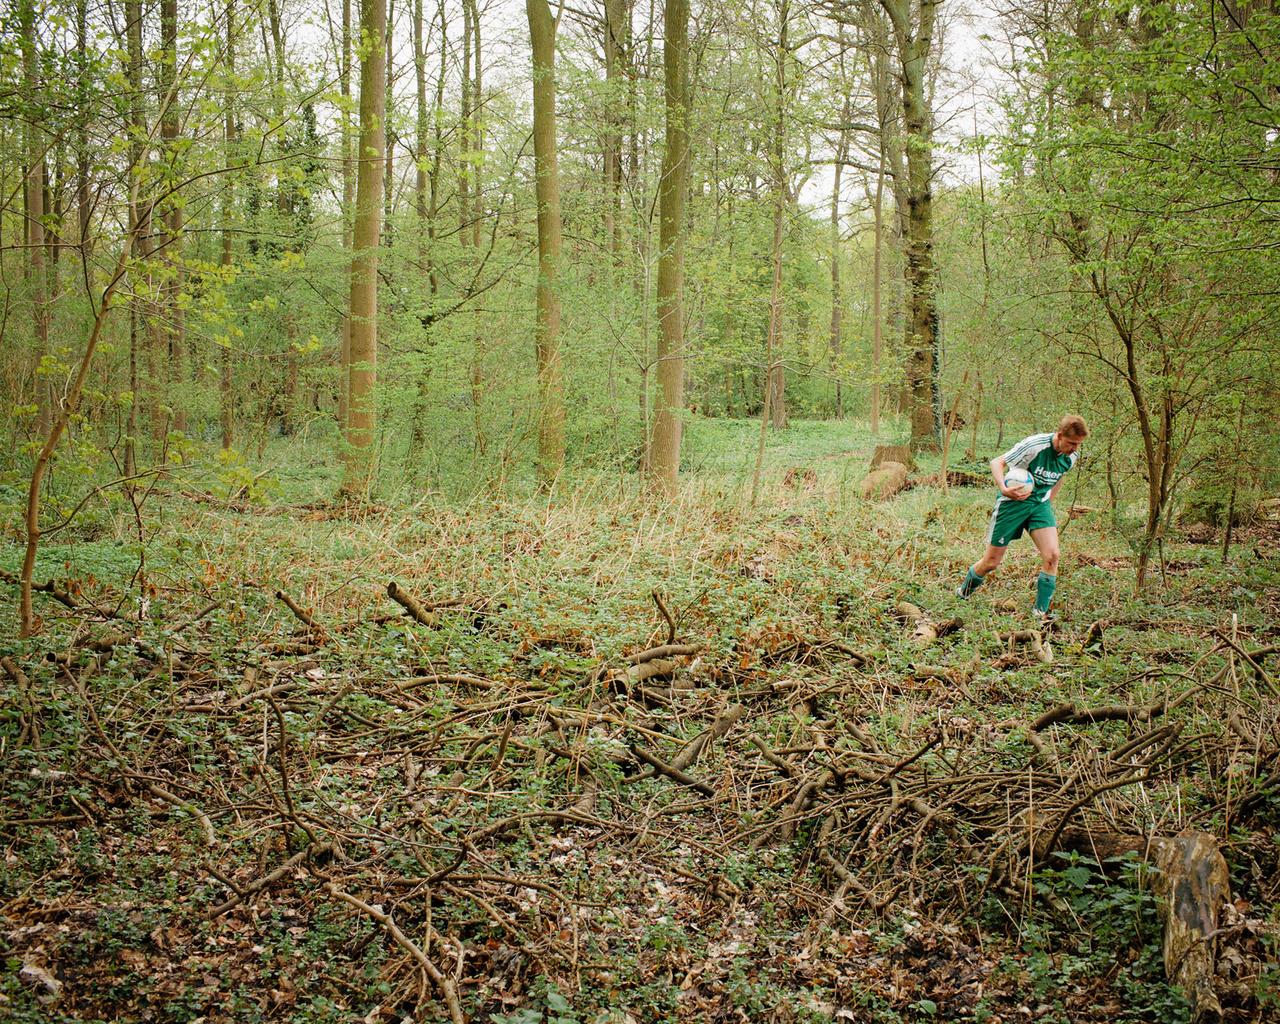 Néhány éve Vácon rendeztek tornát, nem dicsekvésből mondom, de harmadikak lettünk, nem is ez a lényeg, hanem hogy a pályák mögött van egy kis erdő, amin átzubog egy kis patak, éppen csere voltam, amikor jó messzire el rúgták a labdát, én meg lelkesen rohantam be az erdőbe érte, de a labda a vízben landolt, nem értem el, és ahogy jobban szétnéztem, láttam, sokan adták fel ennél a pontnál, volt ott még néhány otthagyott laszti. Egyszer rendezni fognak egy horror filmet, amiben ezek az erdőben hagyott labdák életre kelnek, és bosszúból elpusztítják az emberiséget. Megérdemeljük.